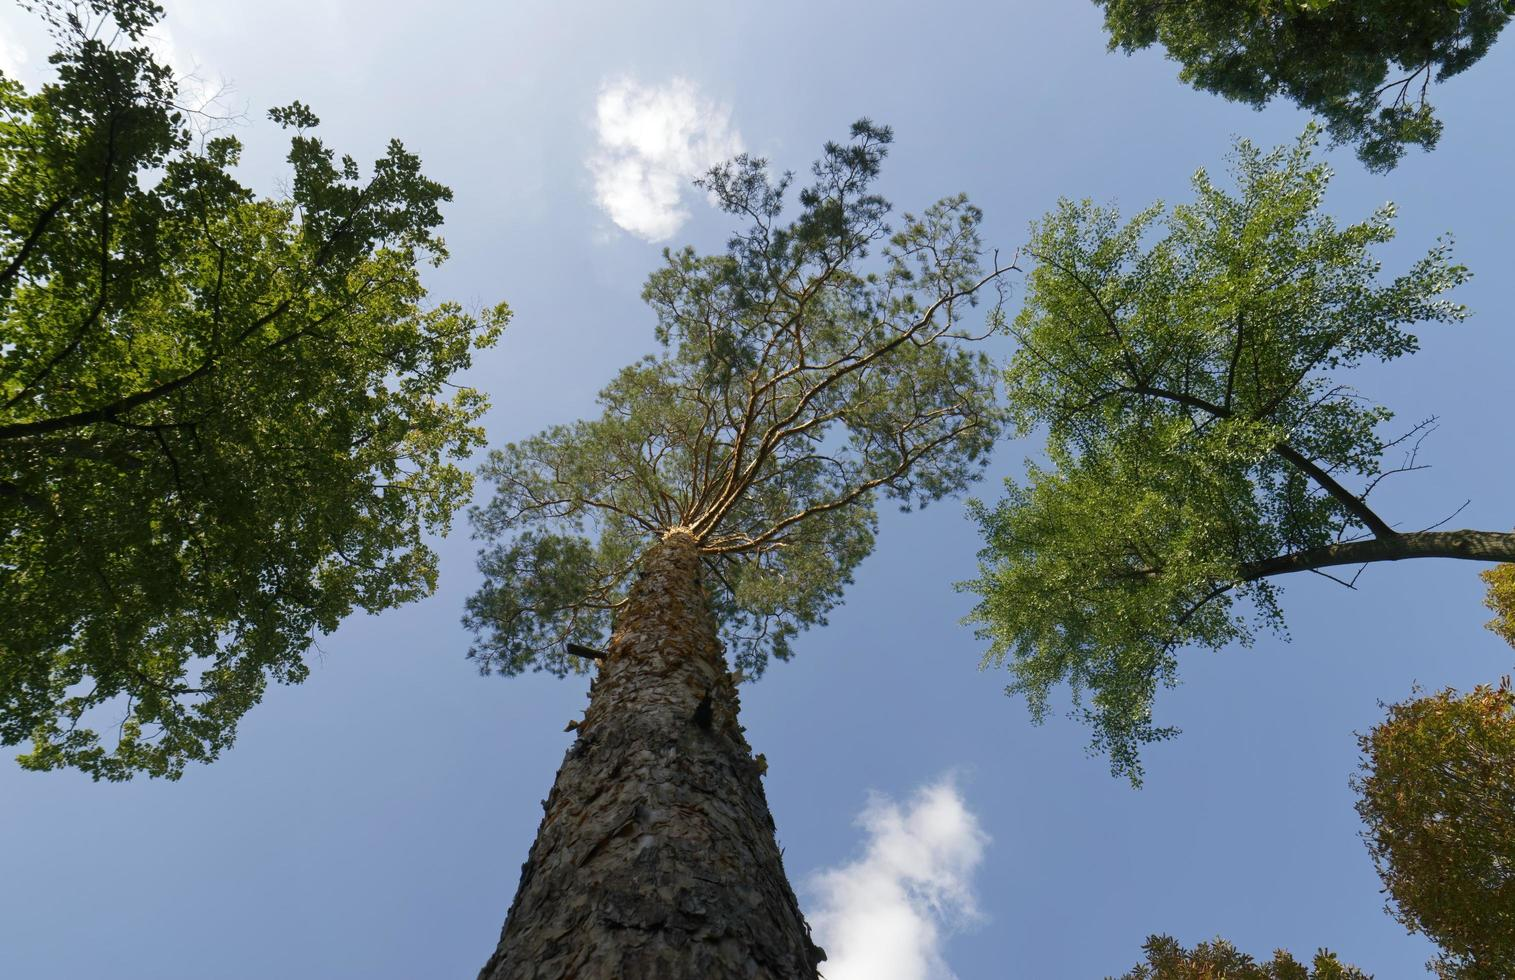 árvores altas em uma floresta foto